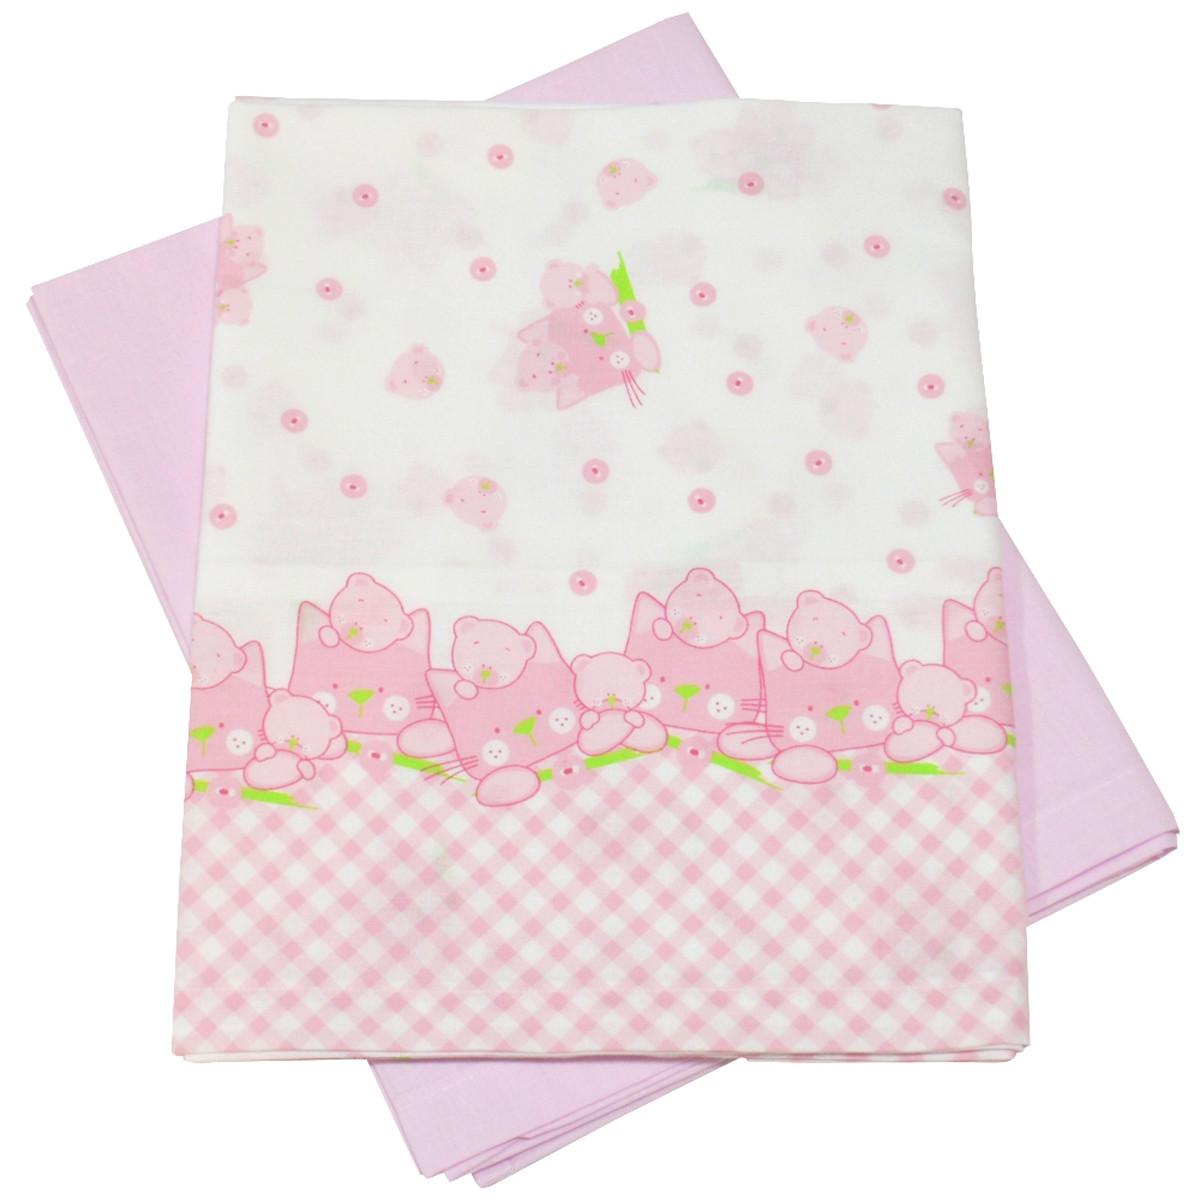 Σεντόνια Λίκνου (Σετ) Κόσμος Του Μωρού 0232 Cats Ροζ